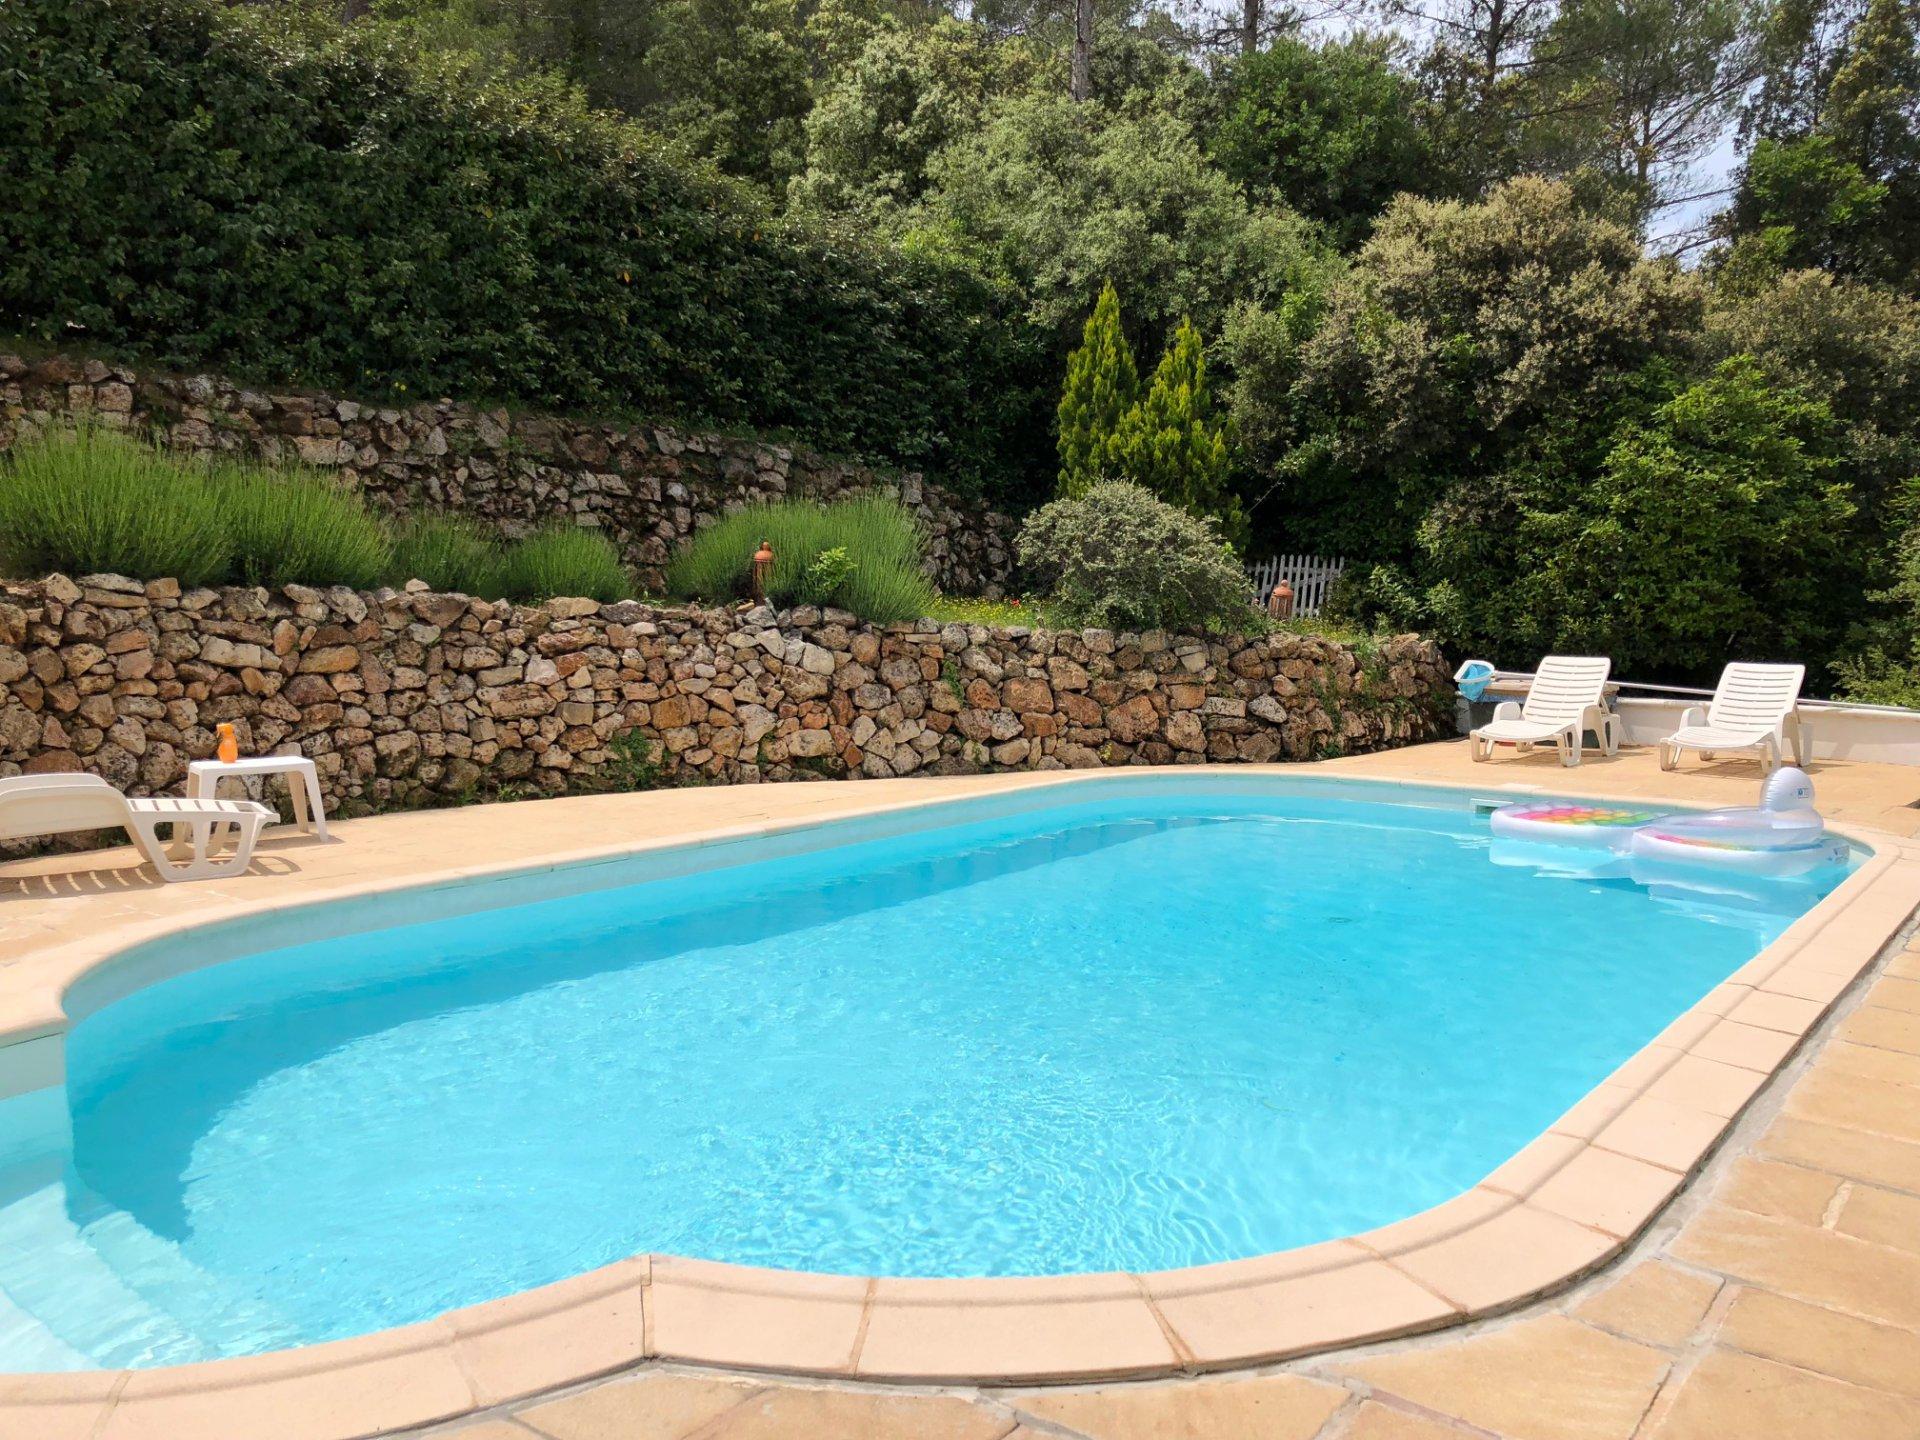 Lorgues - Maison 133m2 - 4 chambres - piscine.